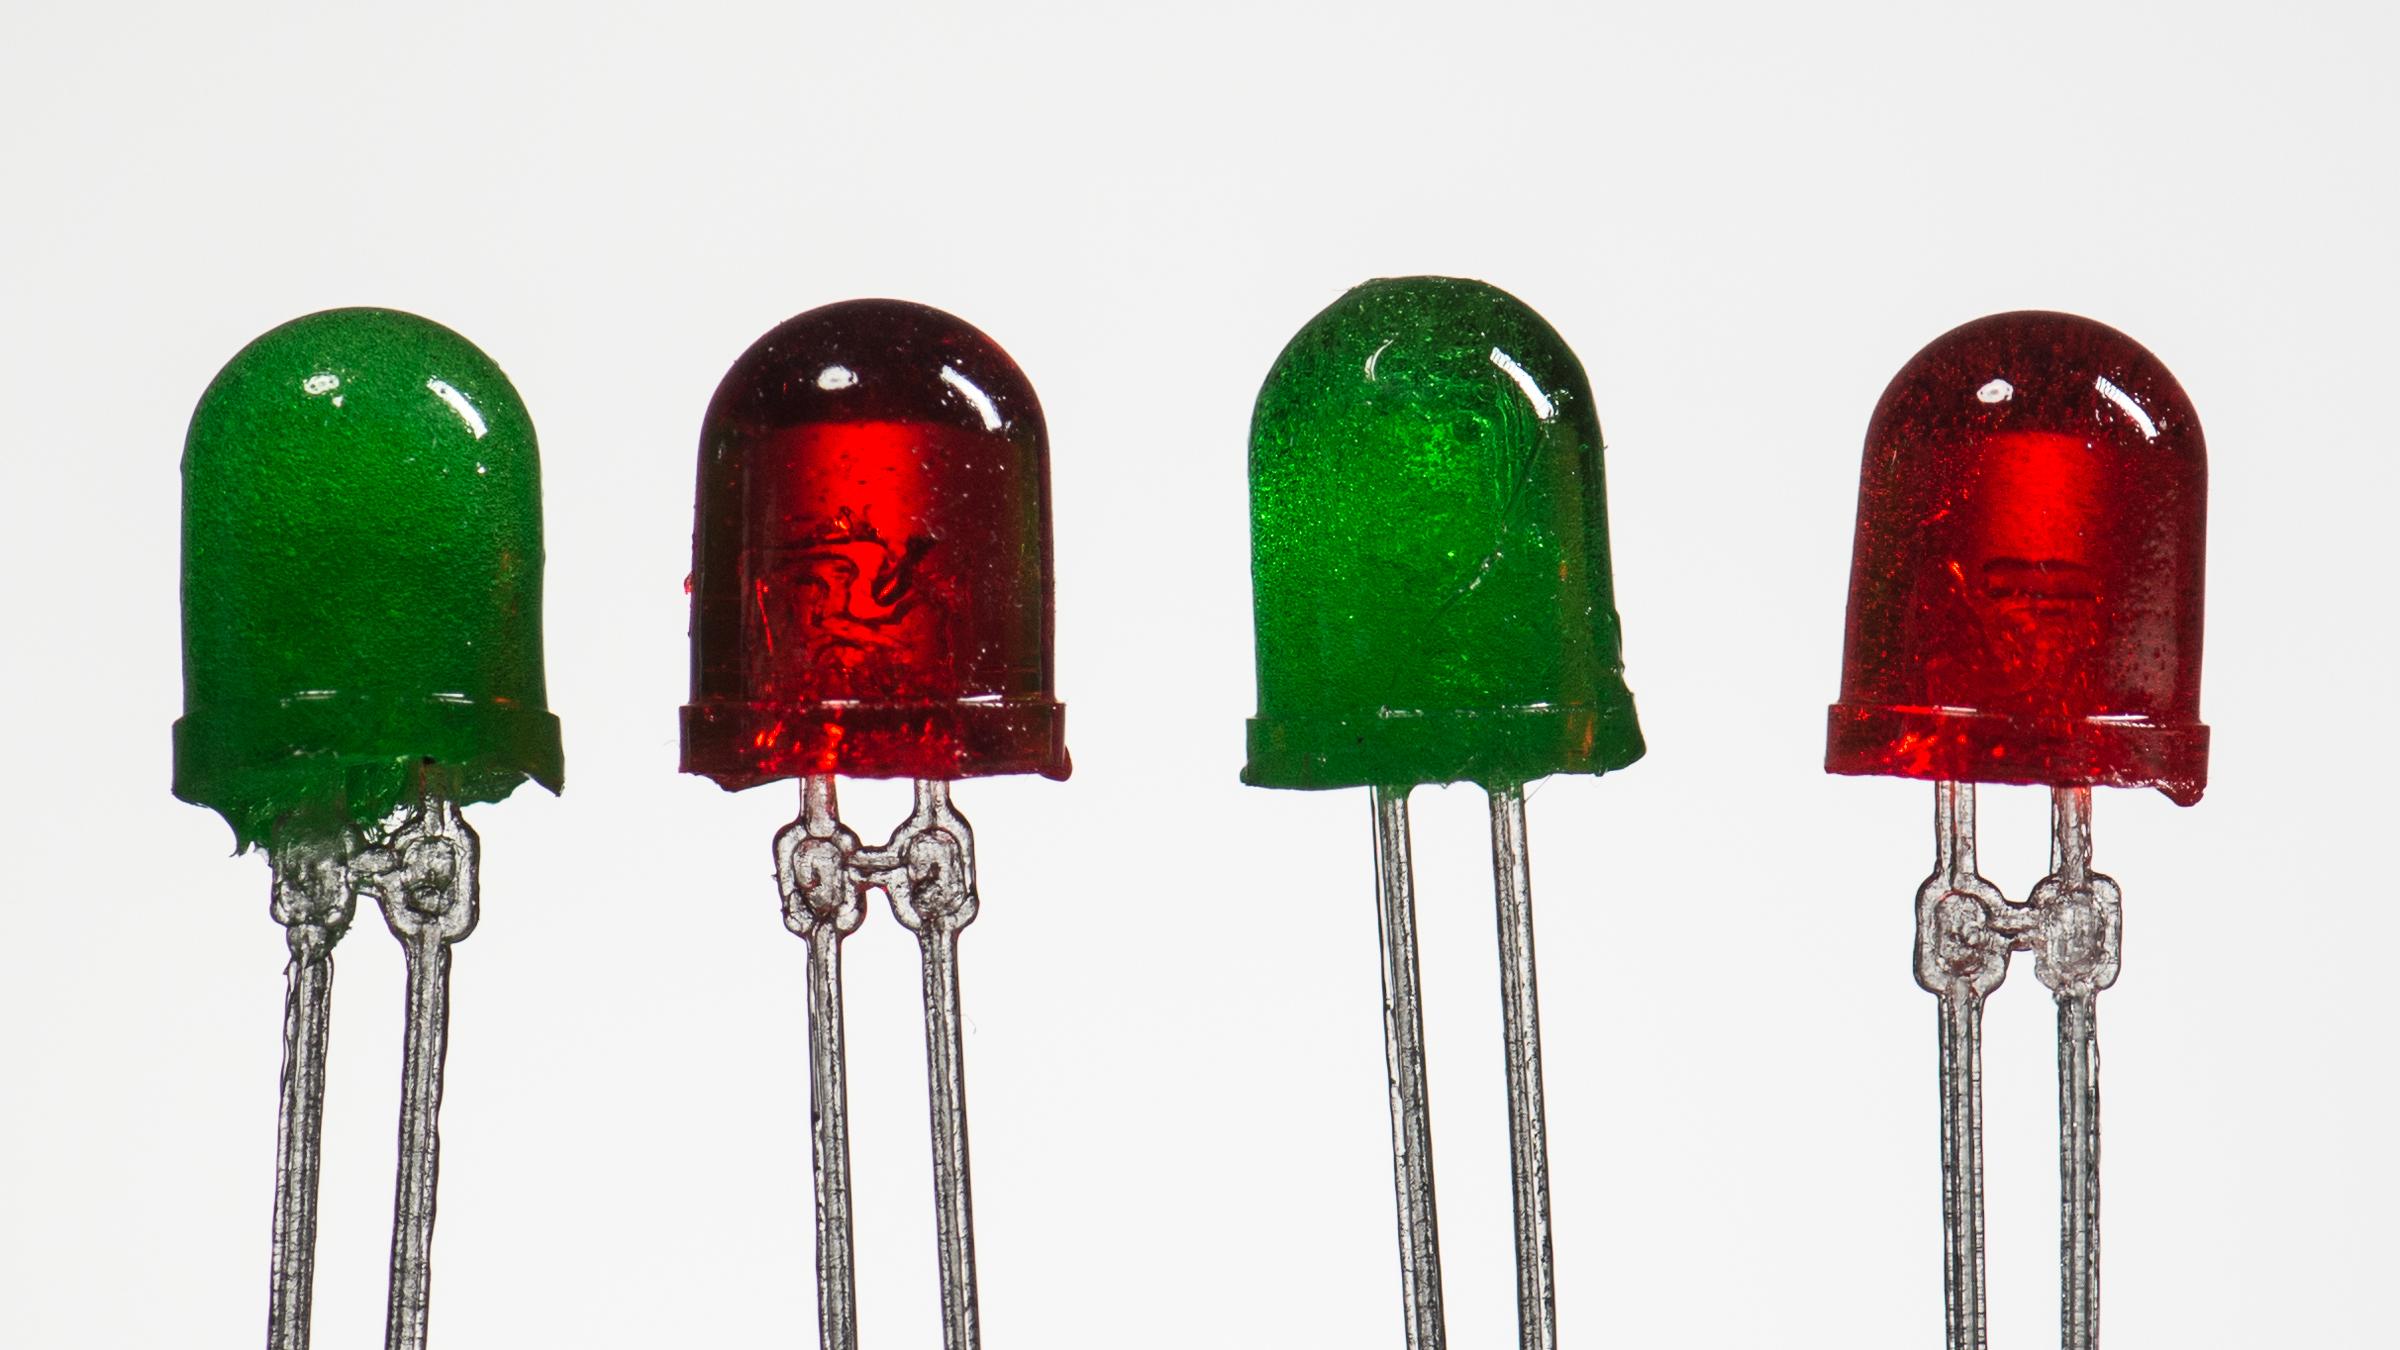 braincrafts_led-gummy-candies.jpg